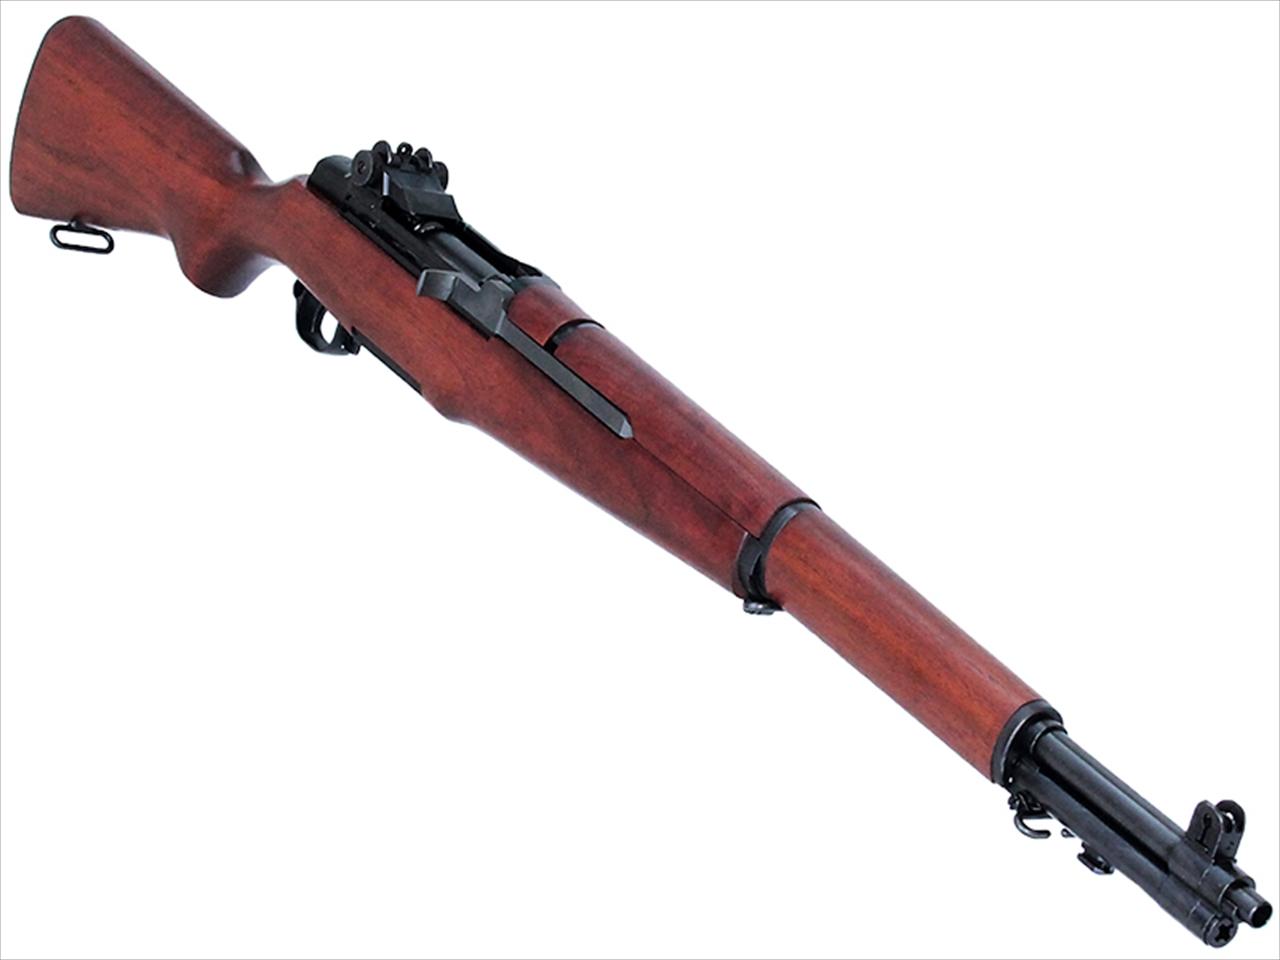 【エントリー全会員P10倍】 マルシン US M1ガーランド ガスライフル ウォルナット ストック 6mm BB弾 ガスガン ライフル 18歳以上 サバゲー 銃